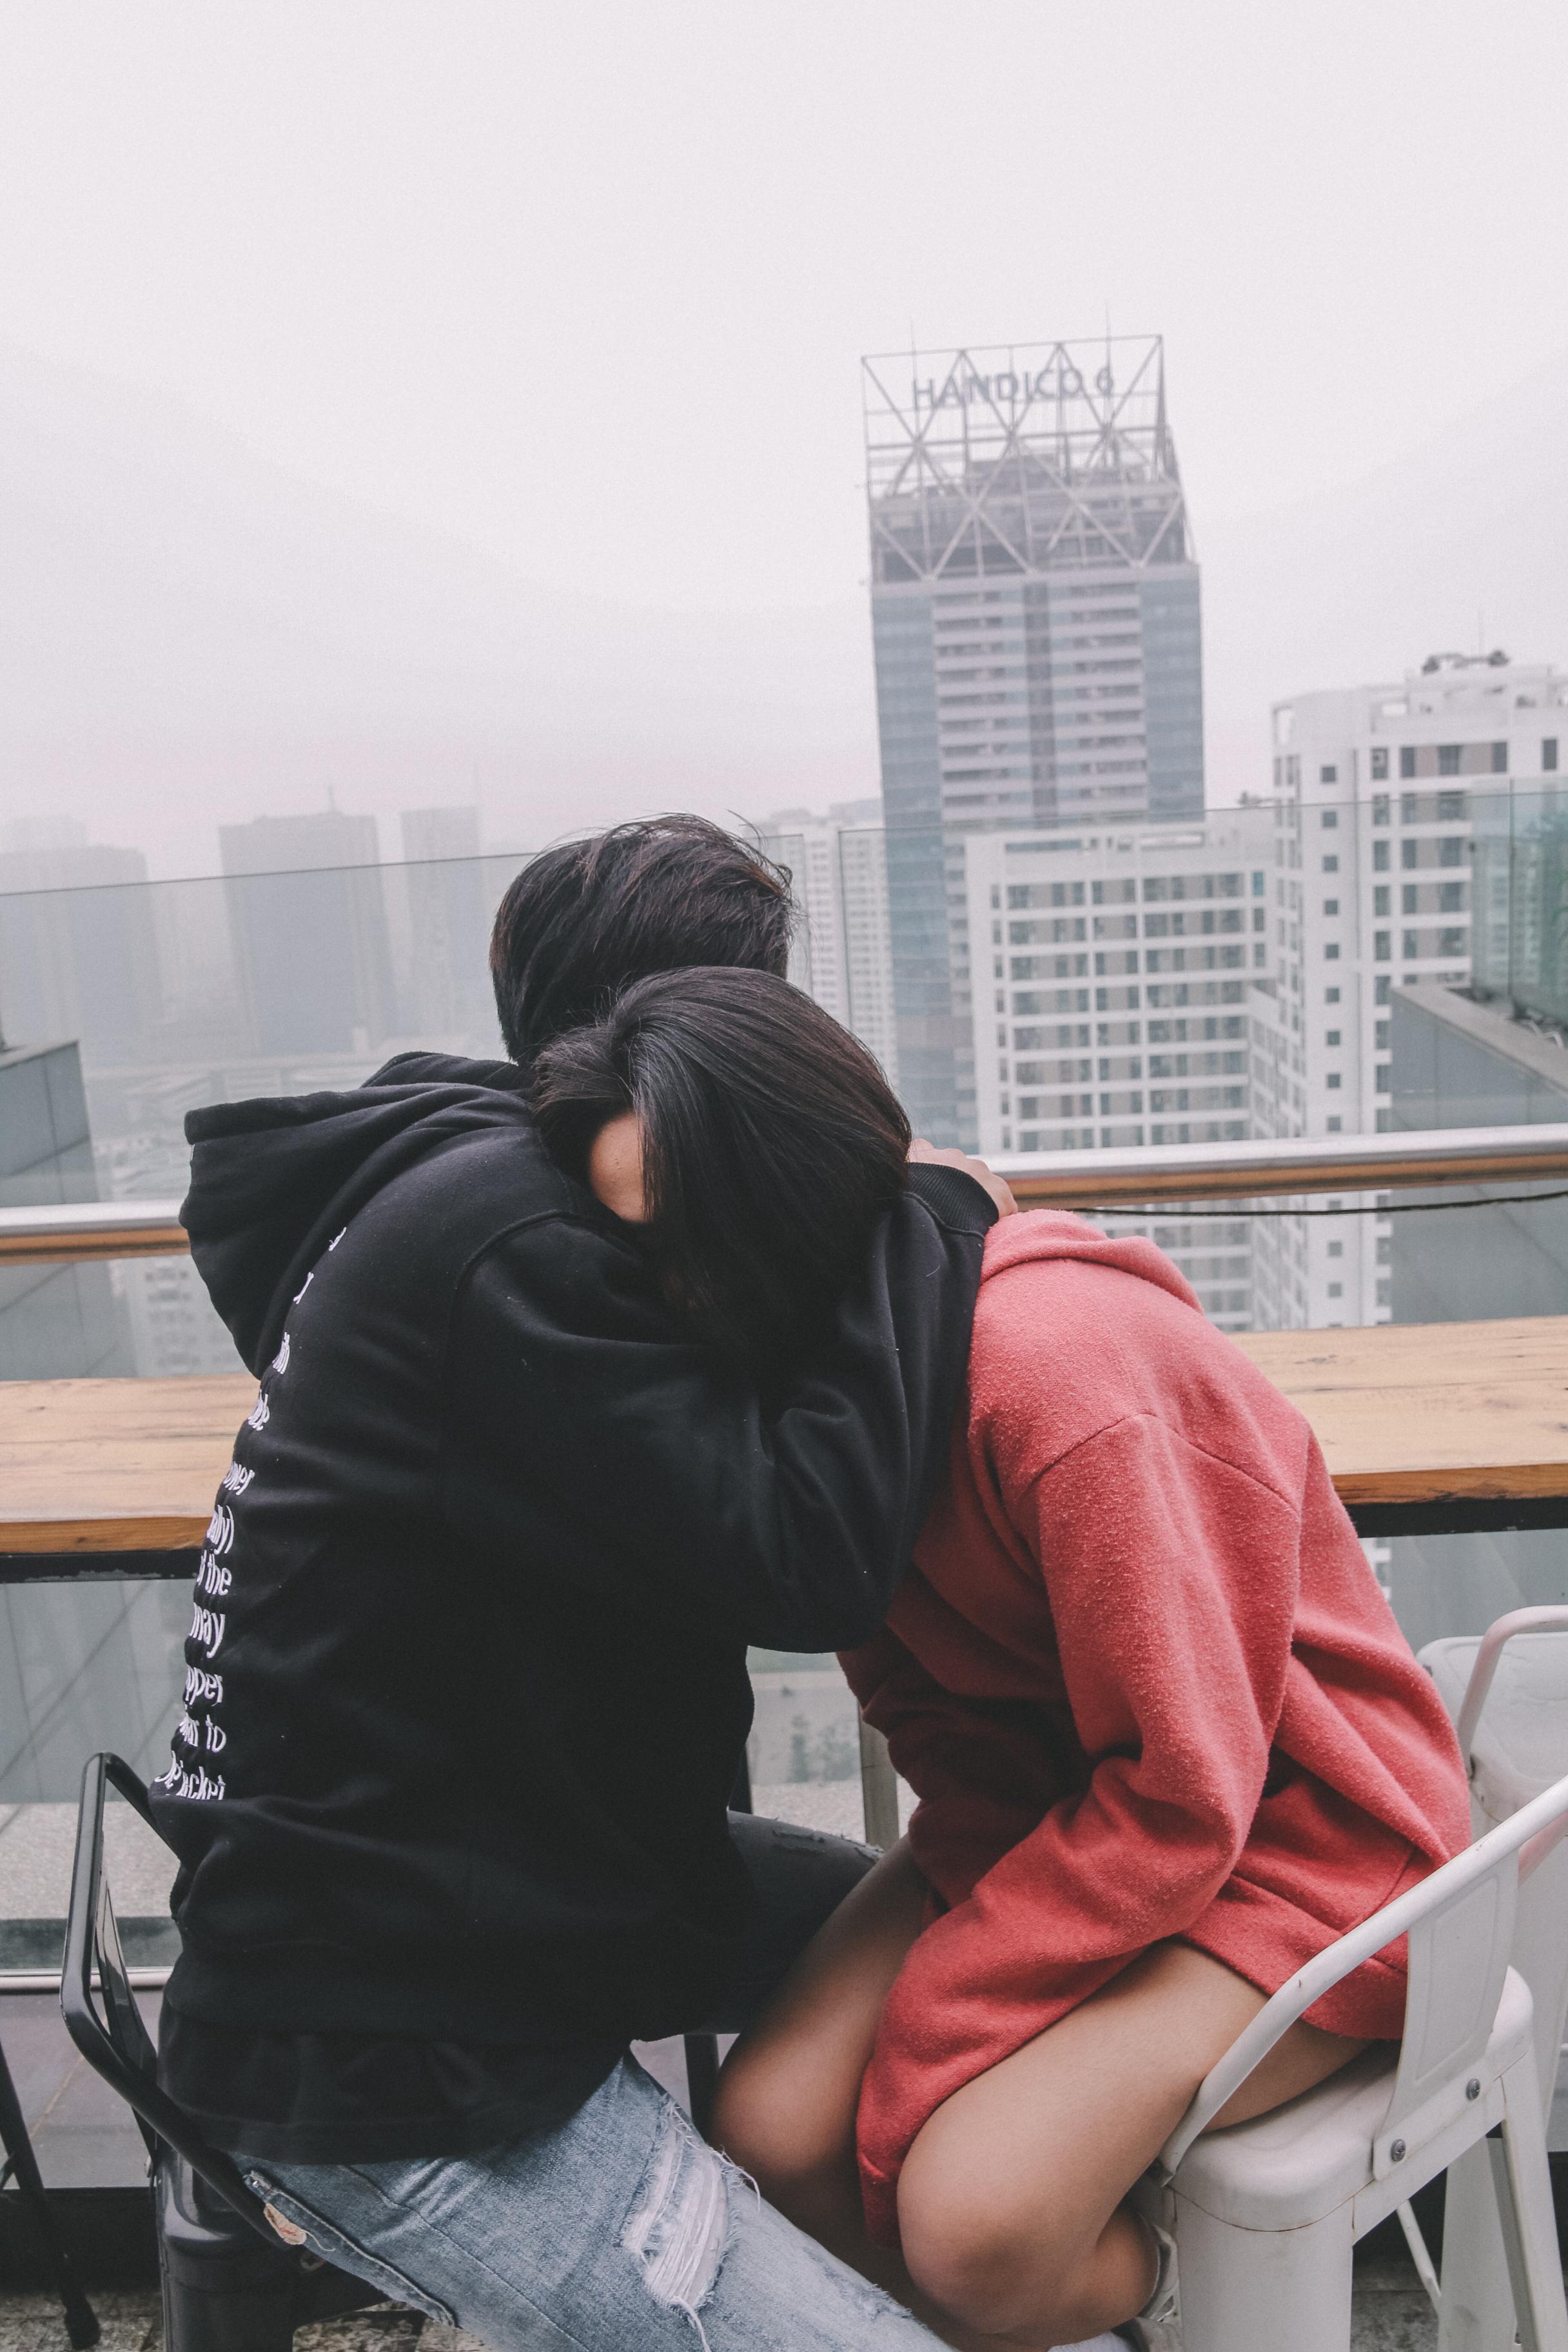 Plan Cul Sur Limoges Mecs Erection / Gay Bite